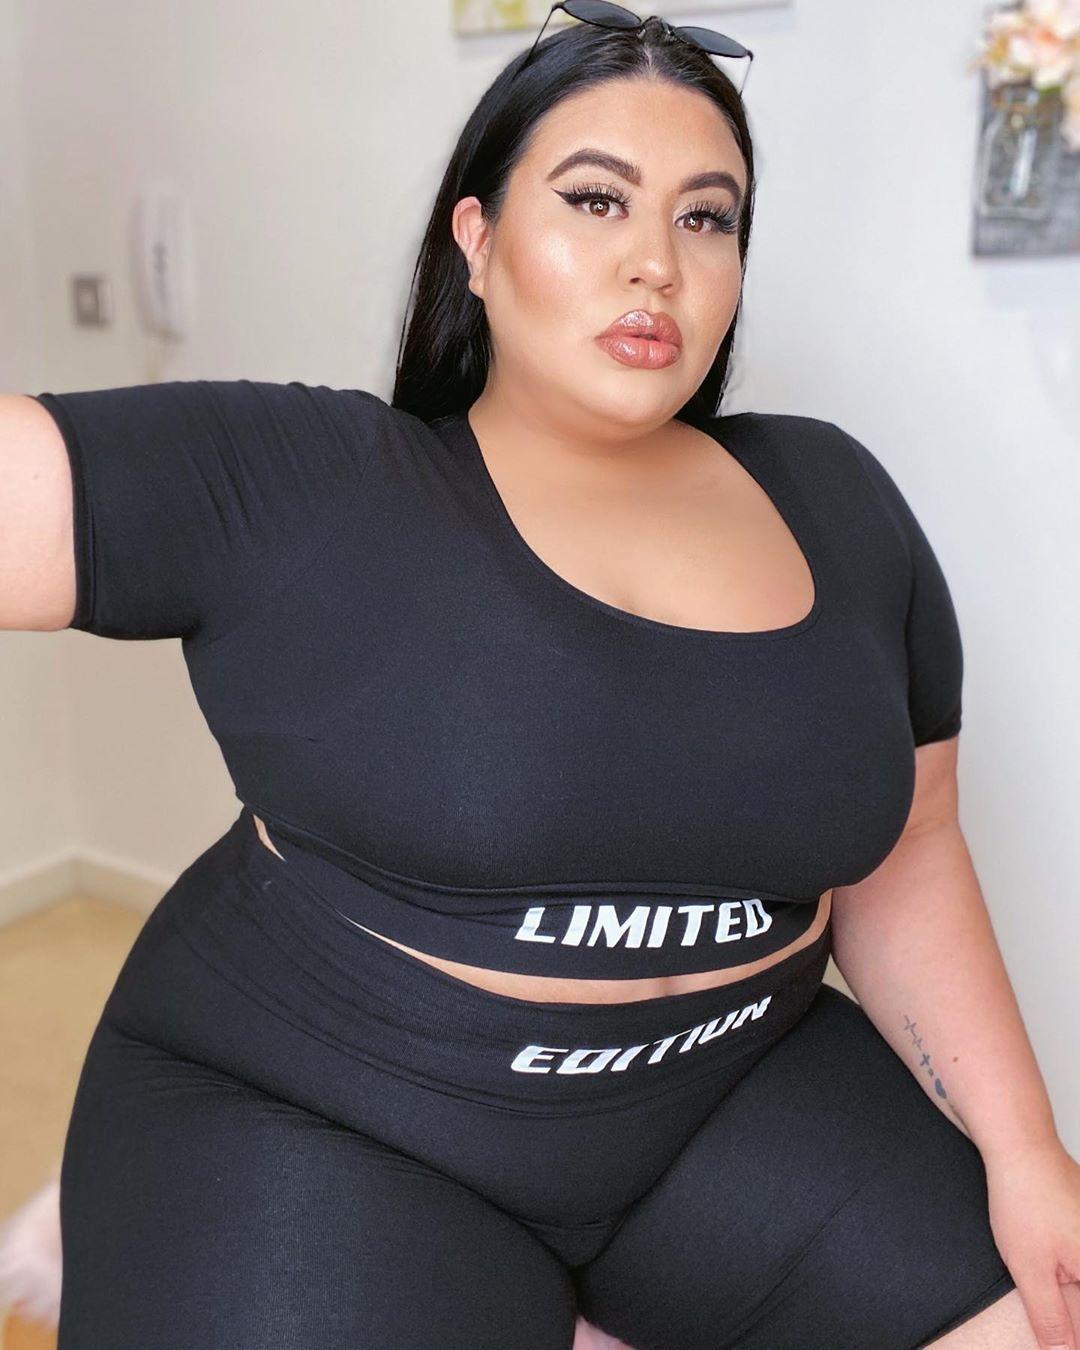 Big Tits Lesbian Strap Doggy